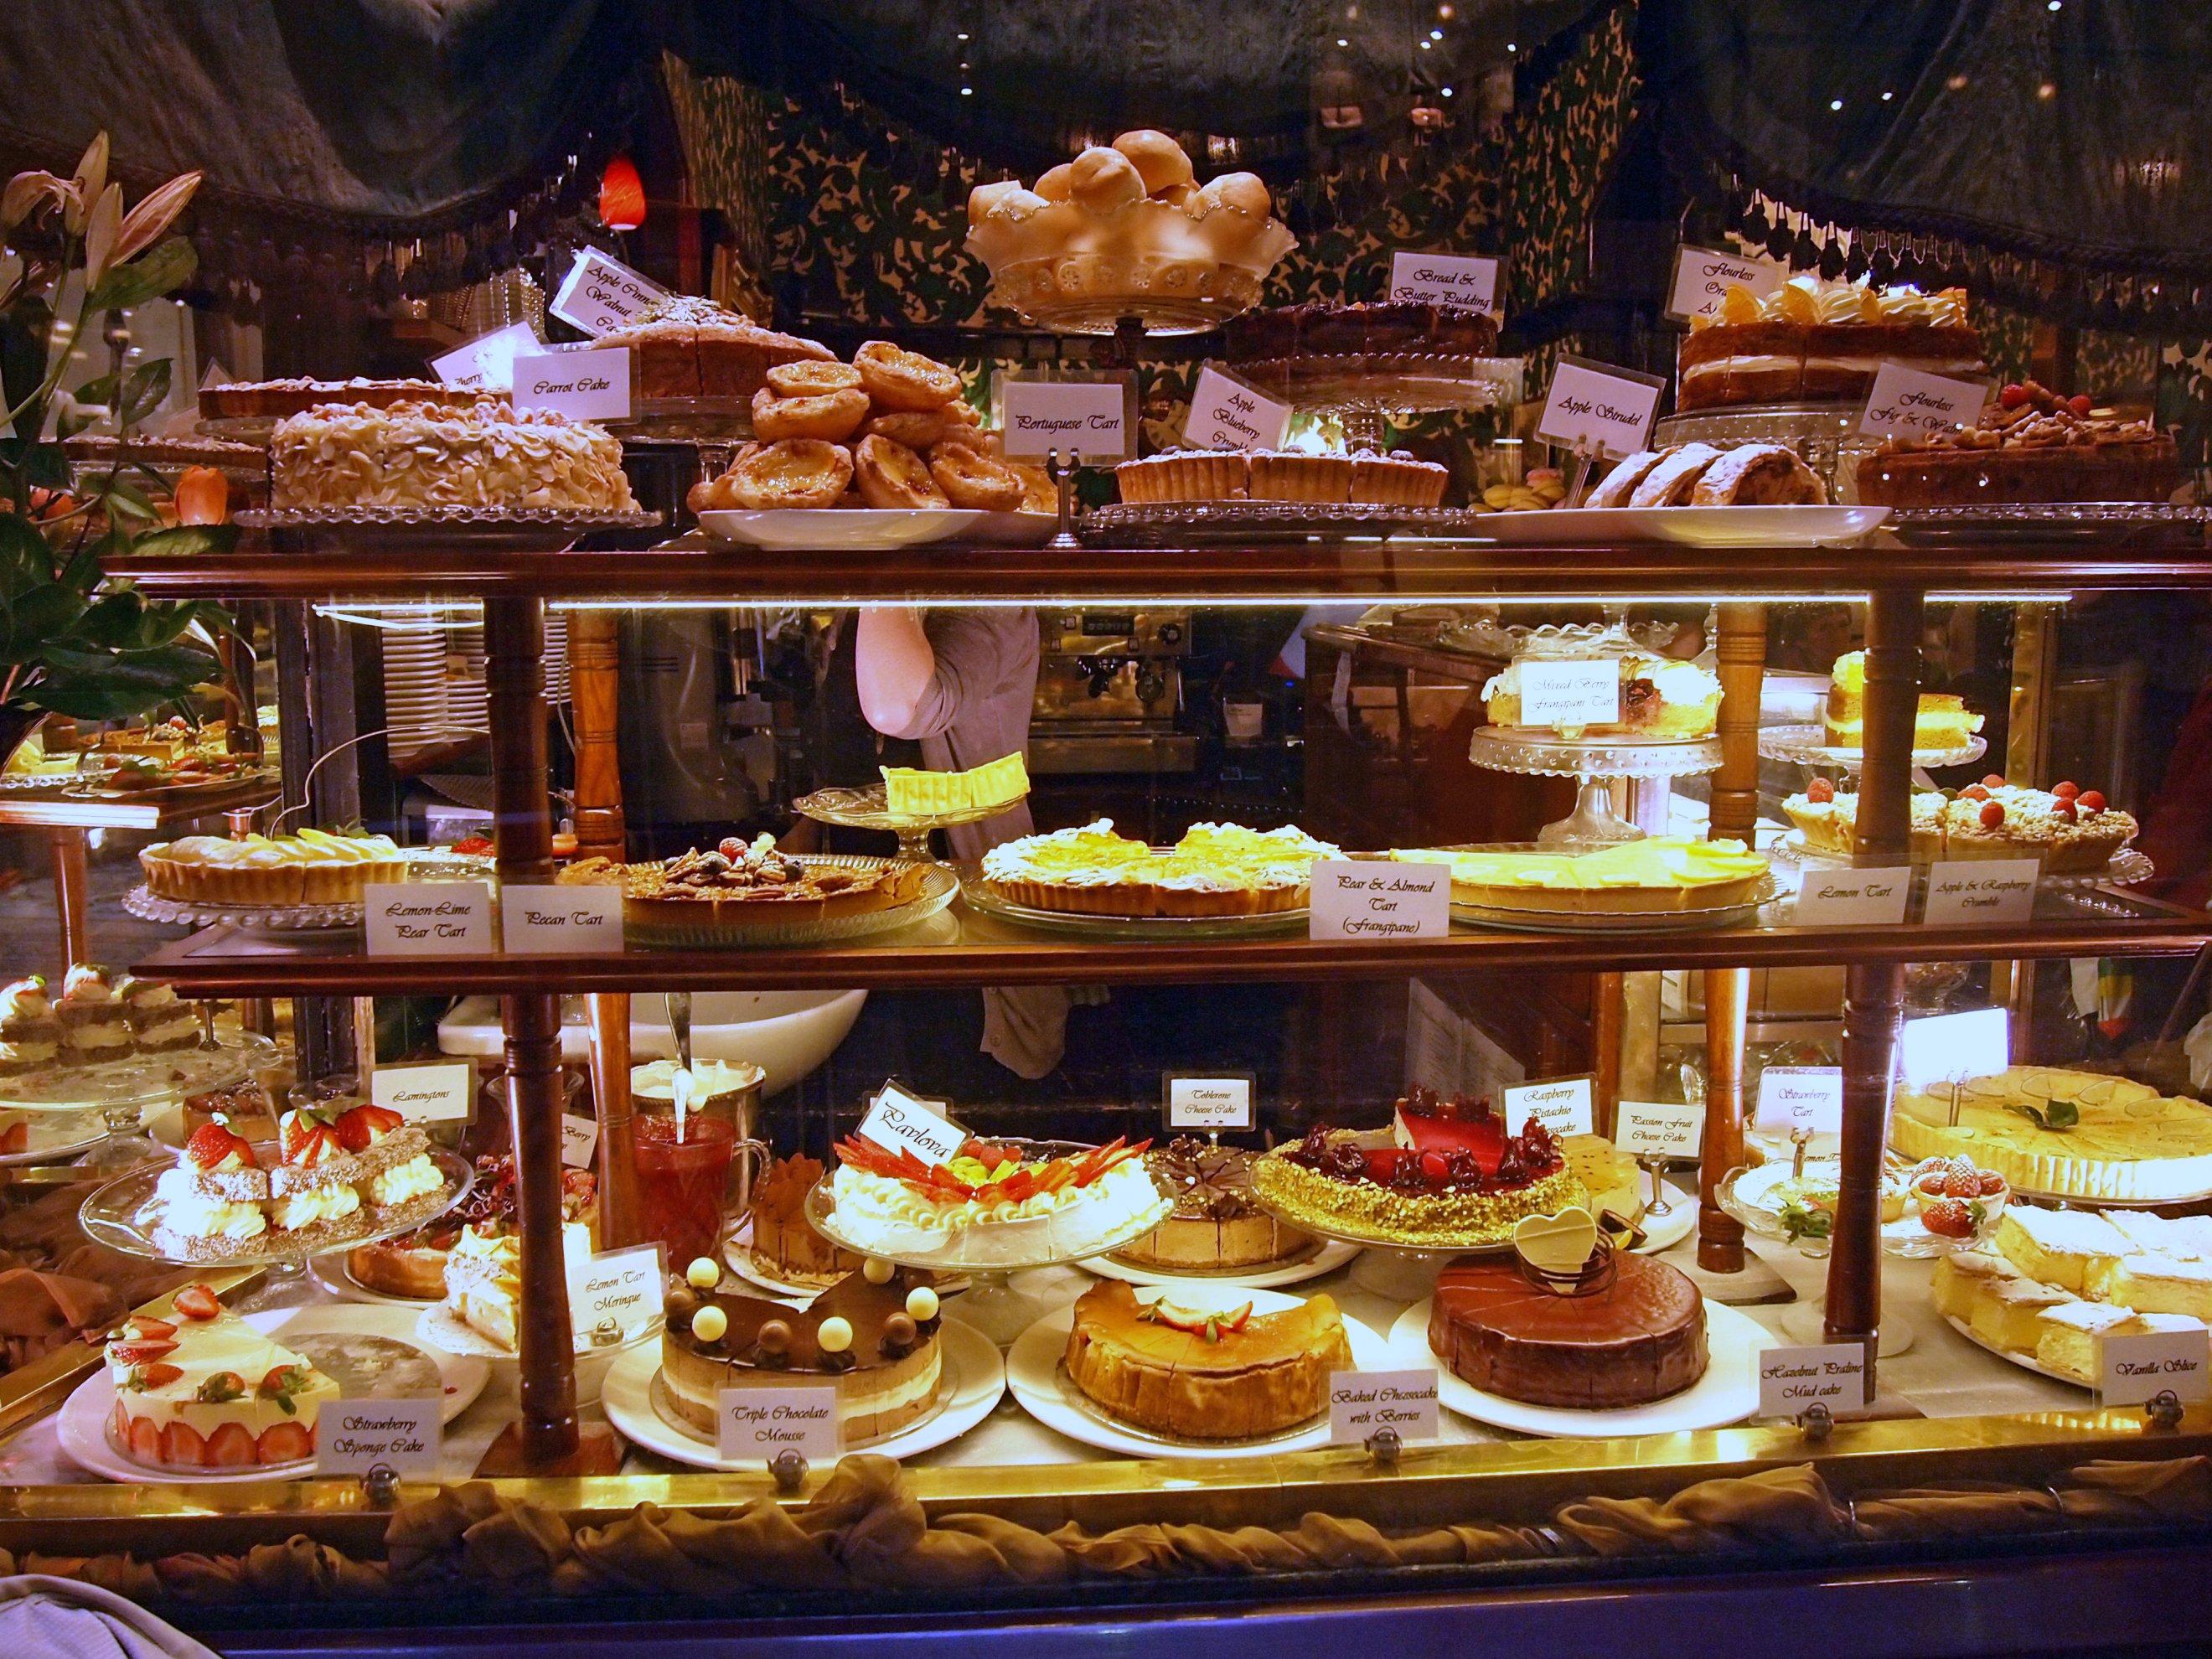 Best Cake Shop Slices Brisbaen